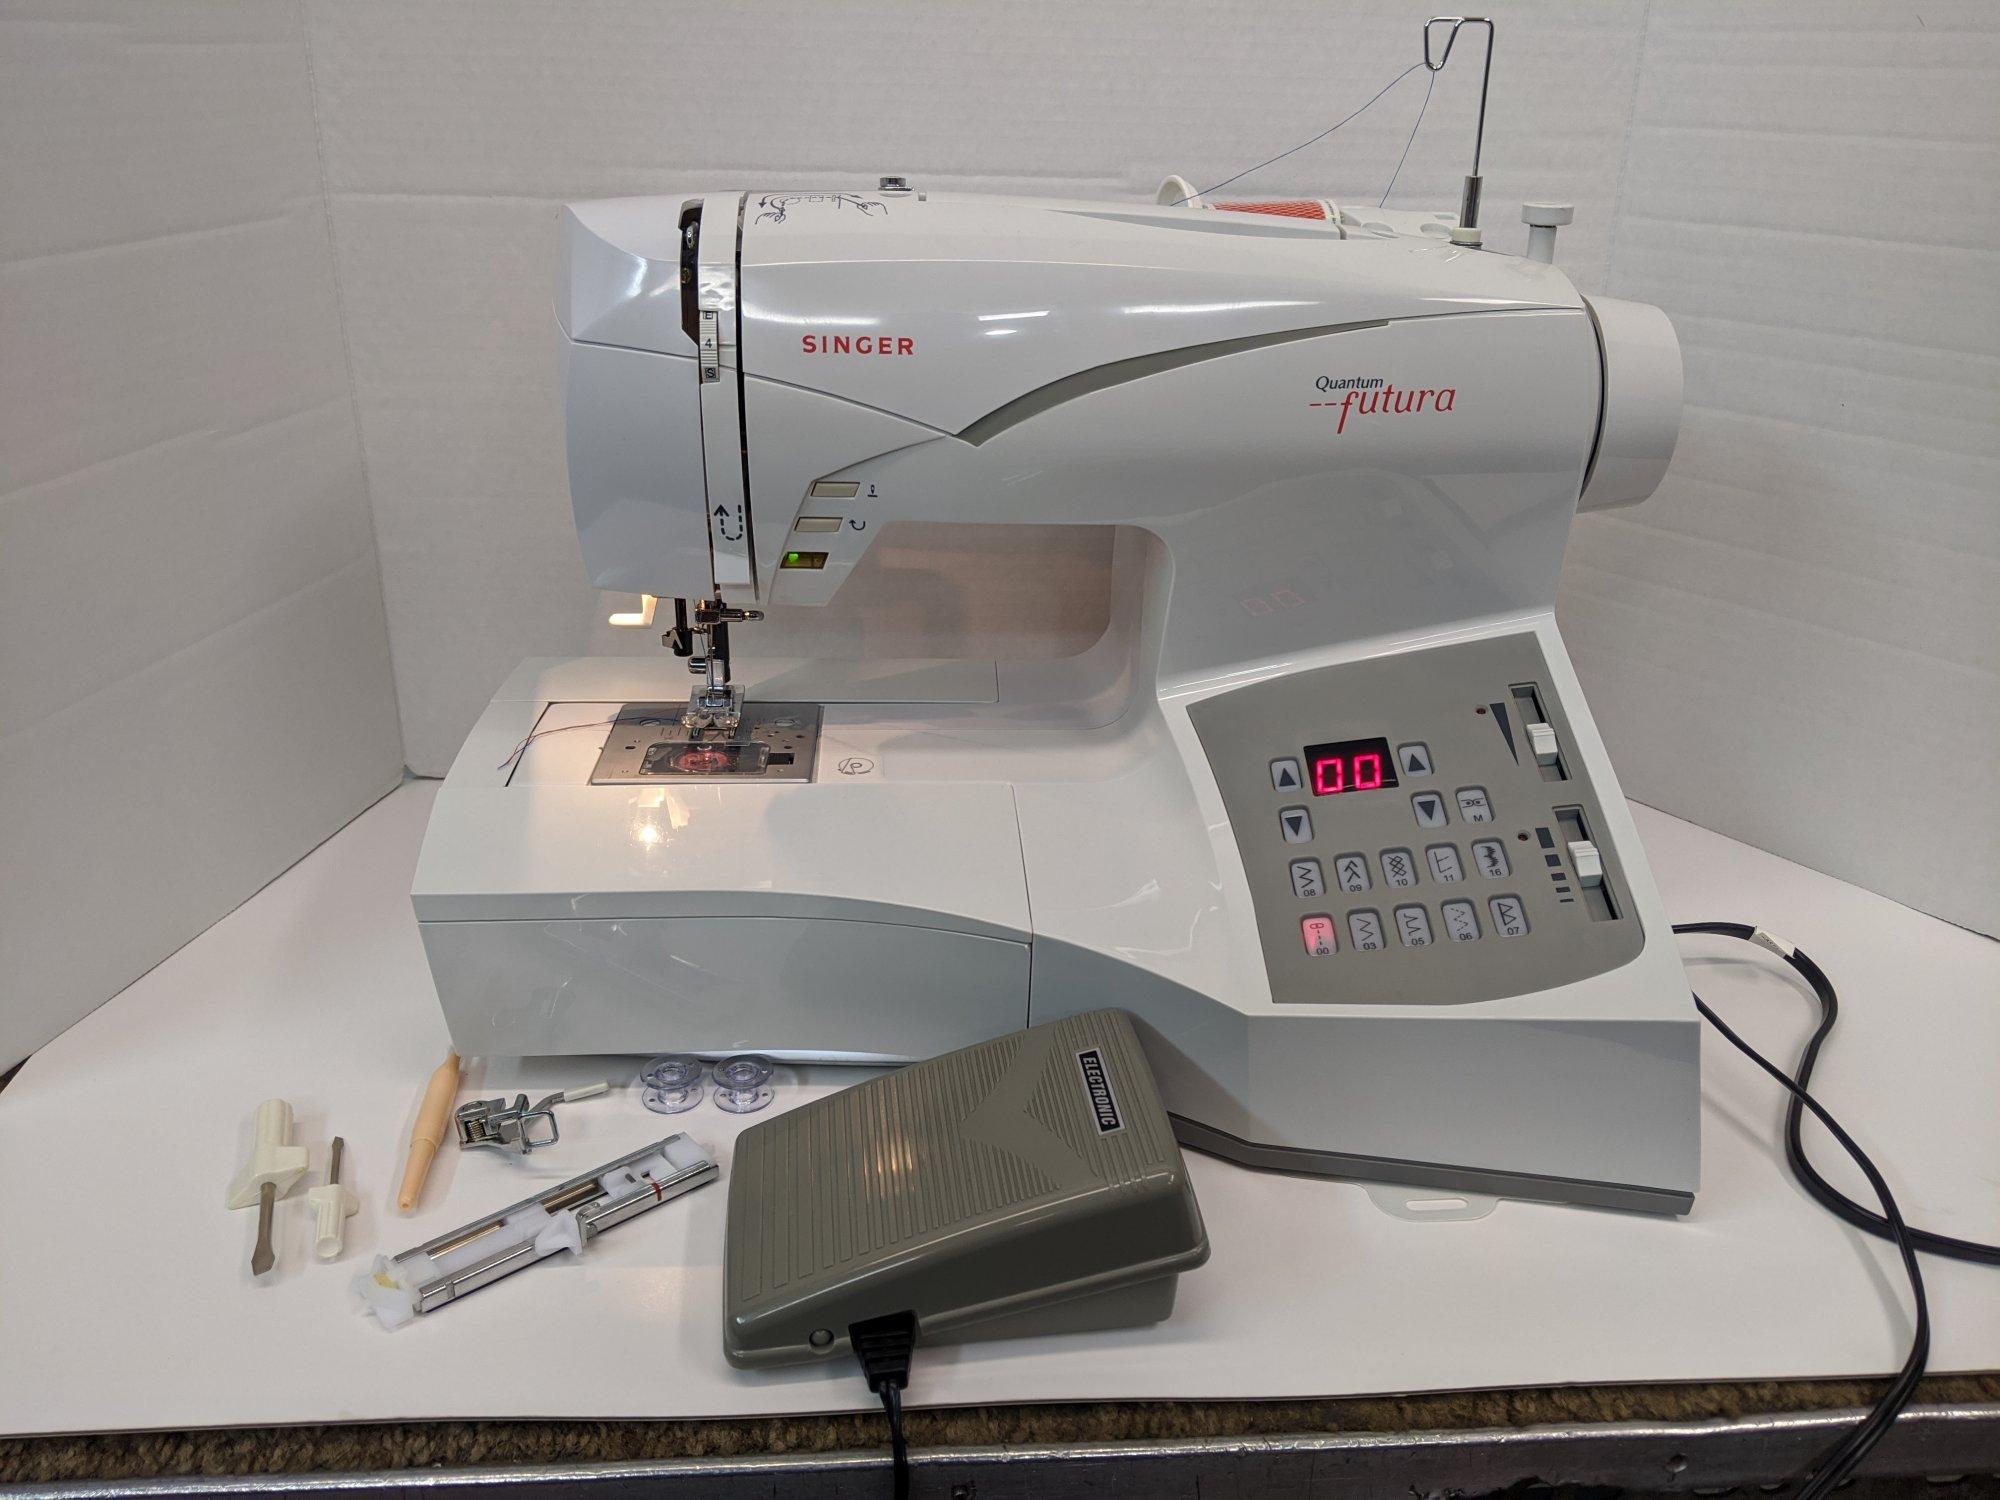 Singer Futura Sewing Machine Rebuilt